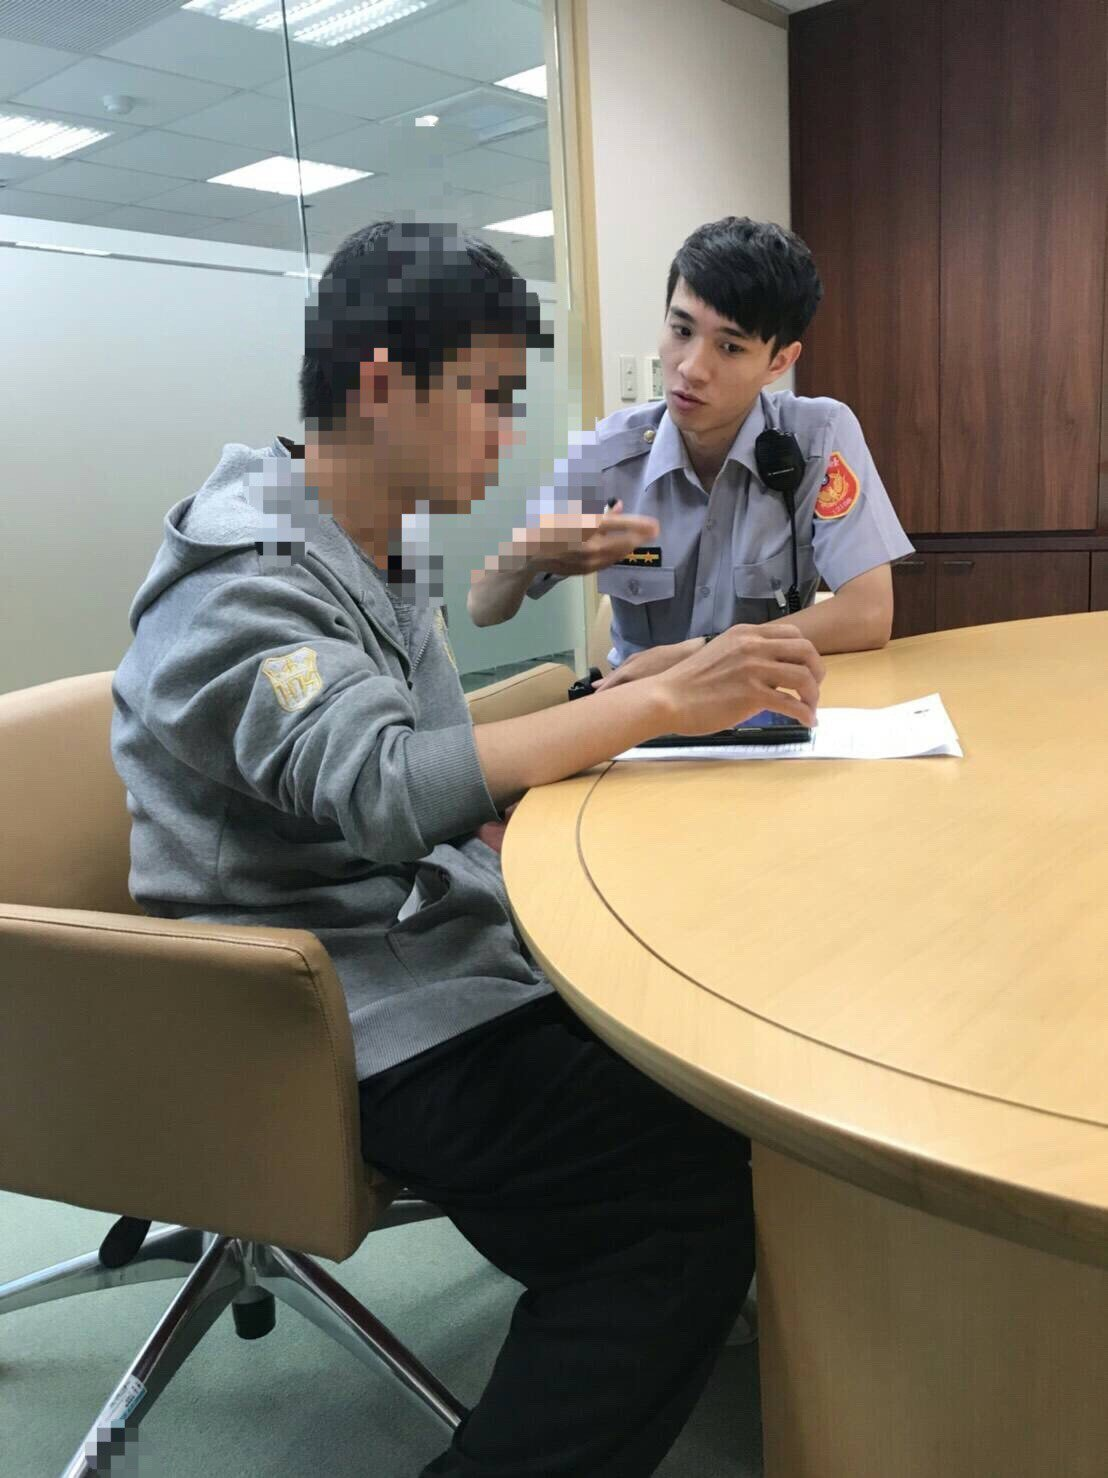 海安所警員陳奕瑄(右)苦口婆心勸阻曾姓男子,才沒匯款給泰國女子。記者邵心杰/翻攝